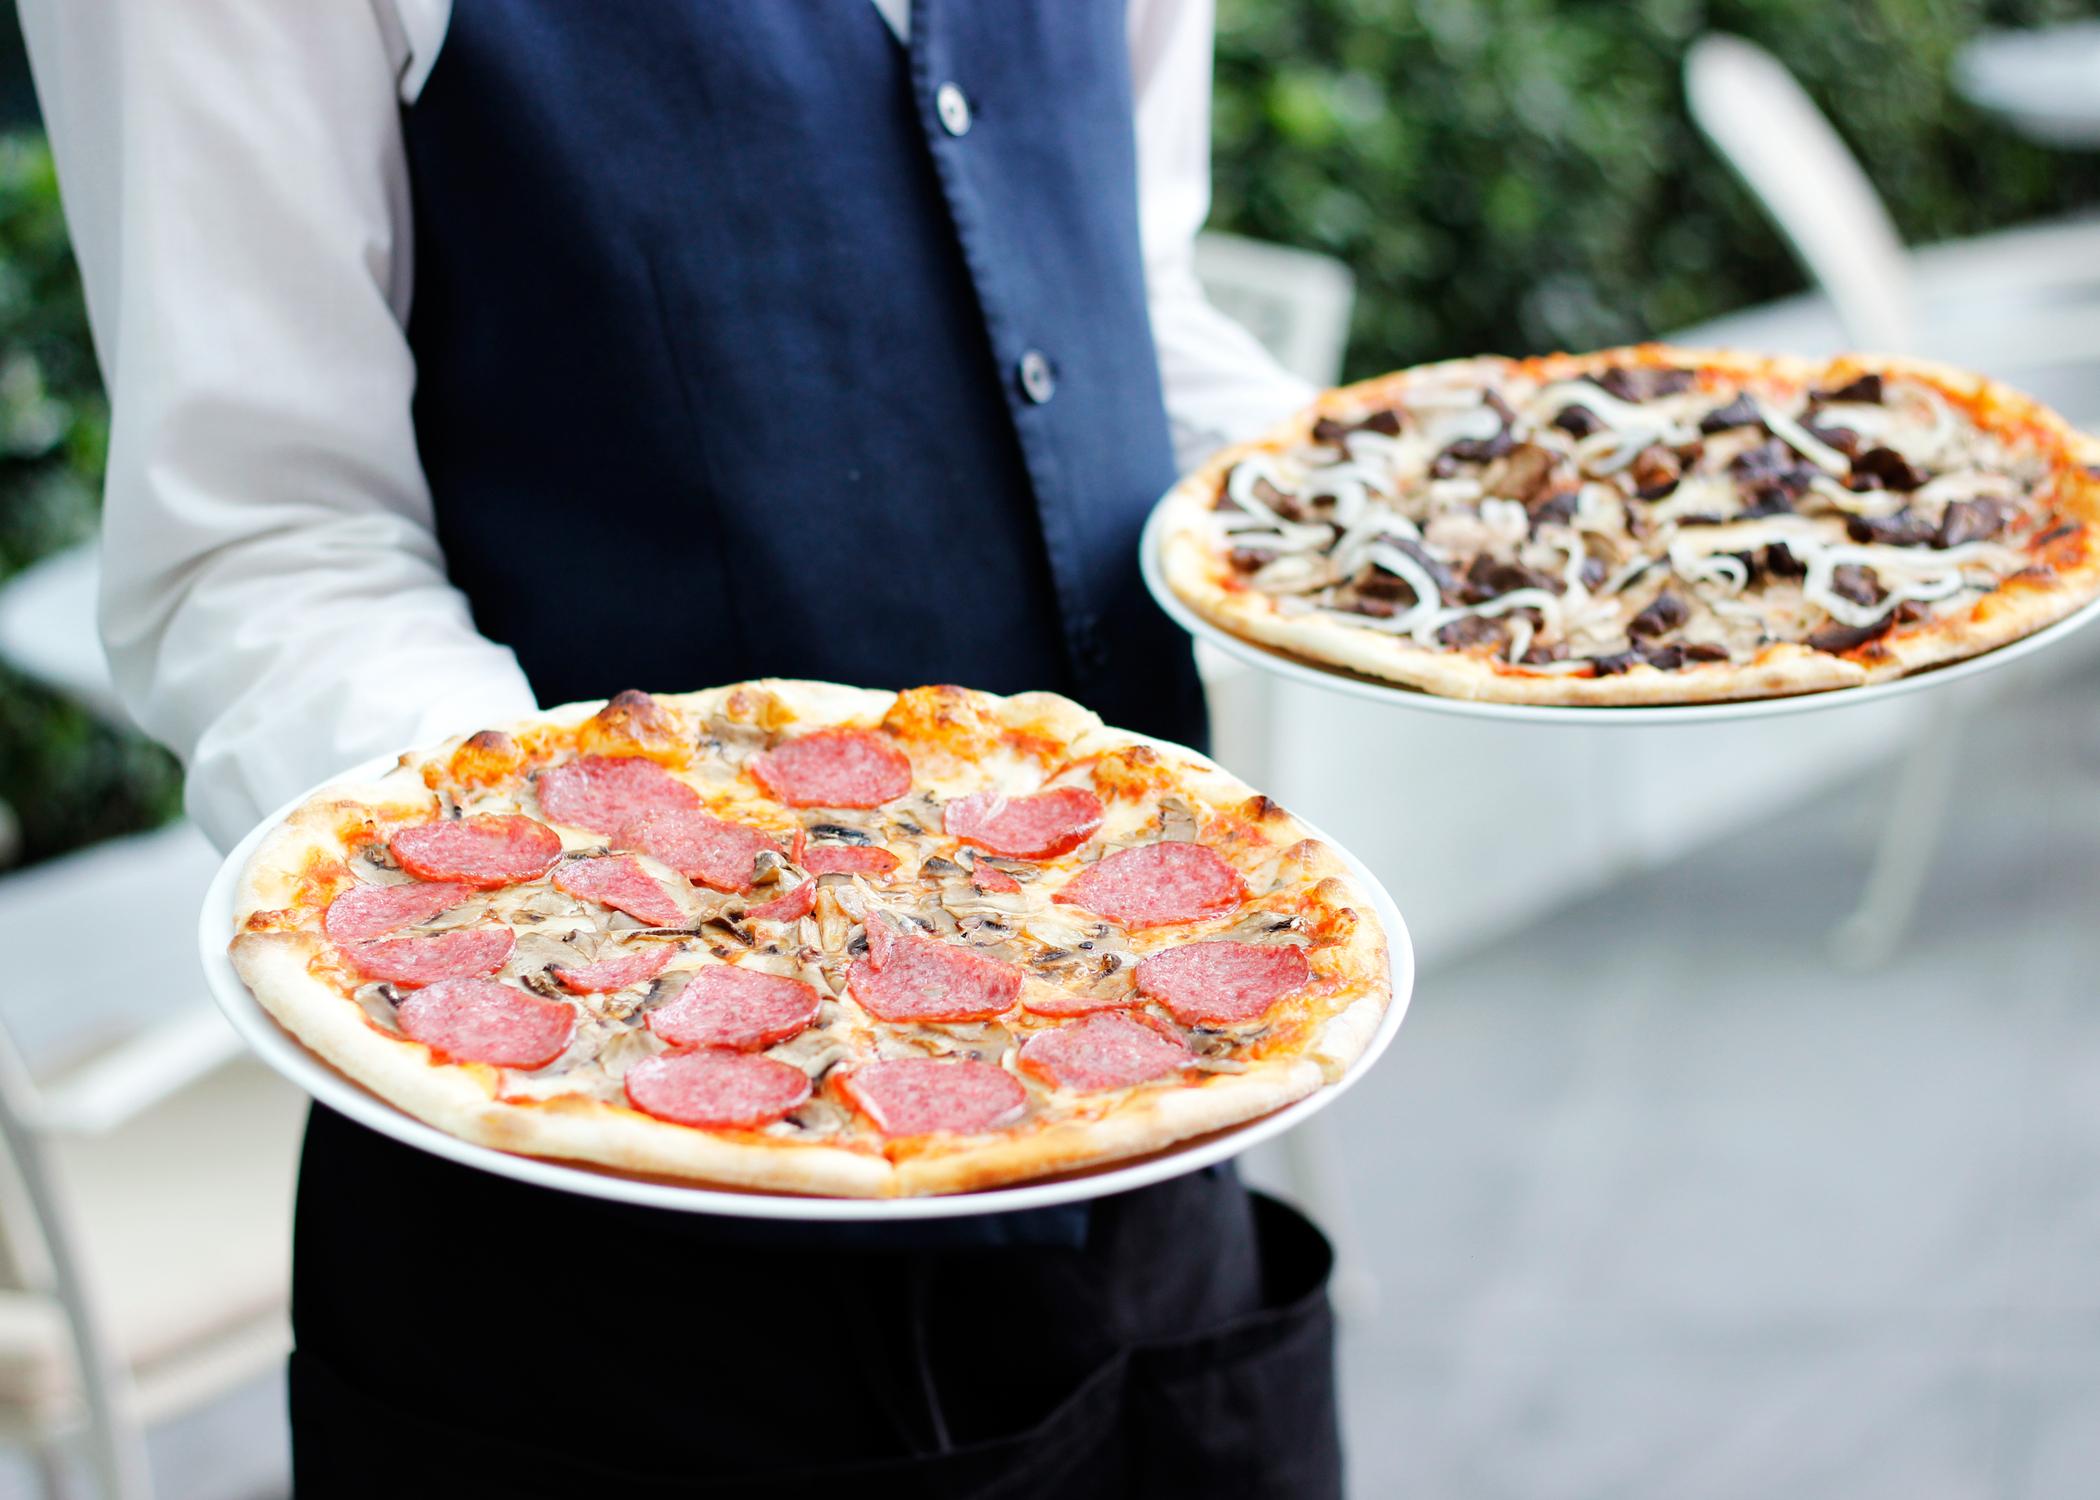 Restaurantes crearon 'impuesto' falso para robarse propinas de sus meseros